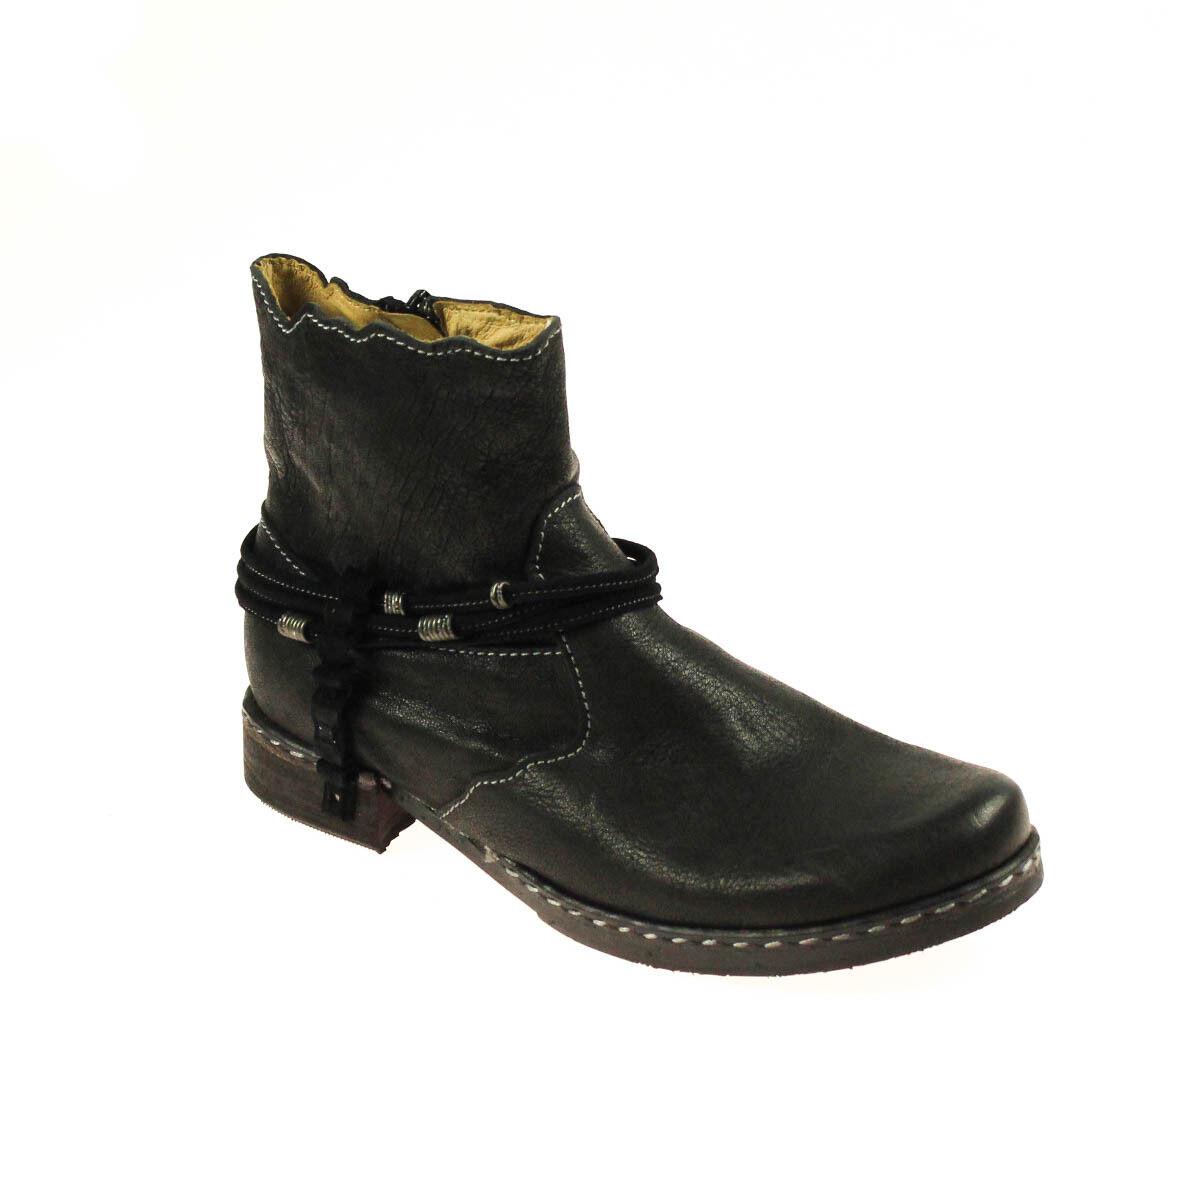 Encanto señora botín semi zapato de cuero negro